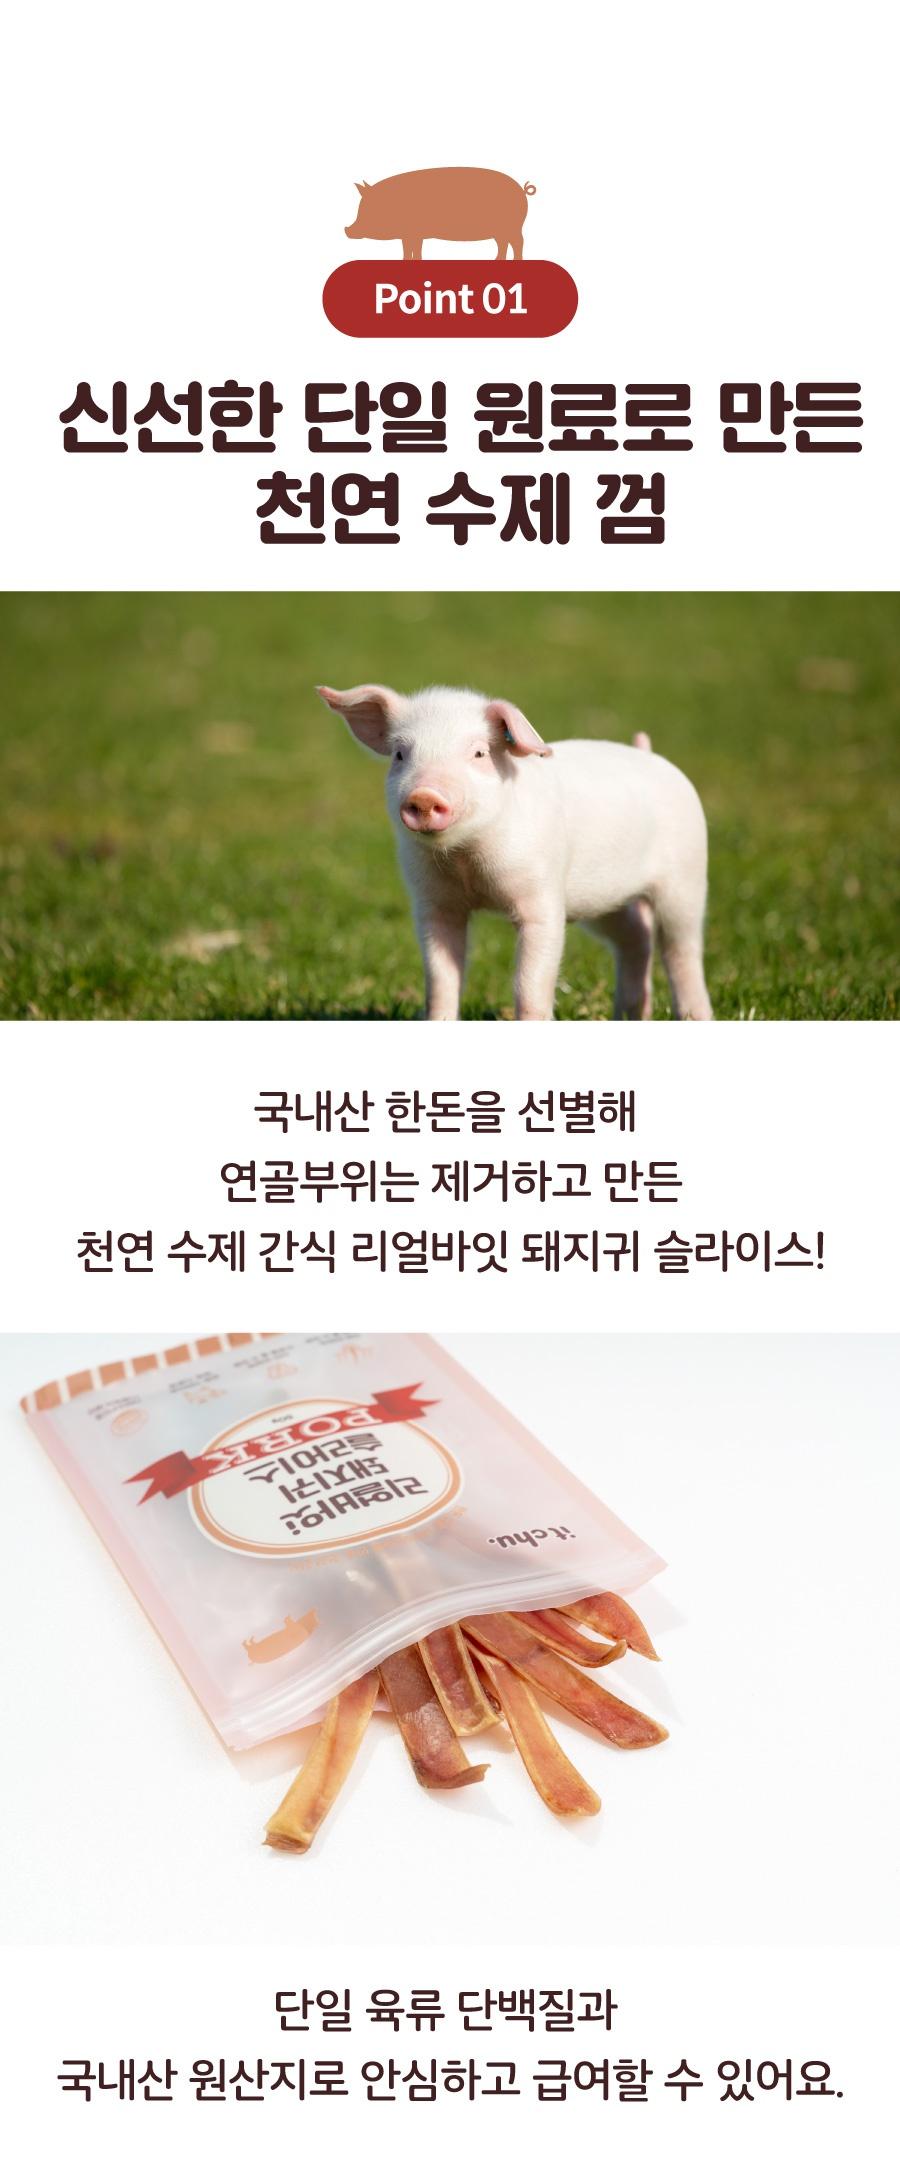 리얼바잇 돼지귀슬라이스&한우스틱&한우링-상품이미지-5